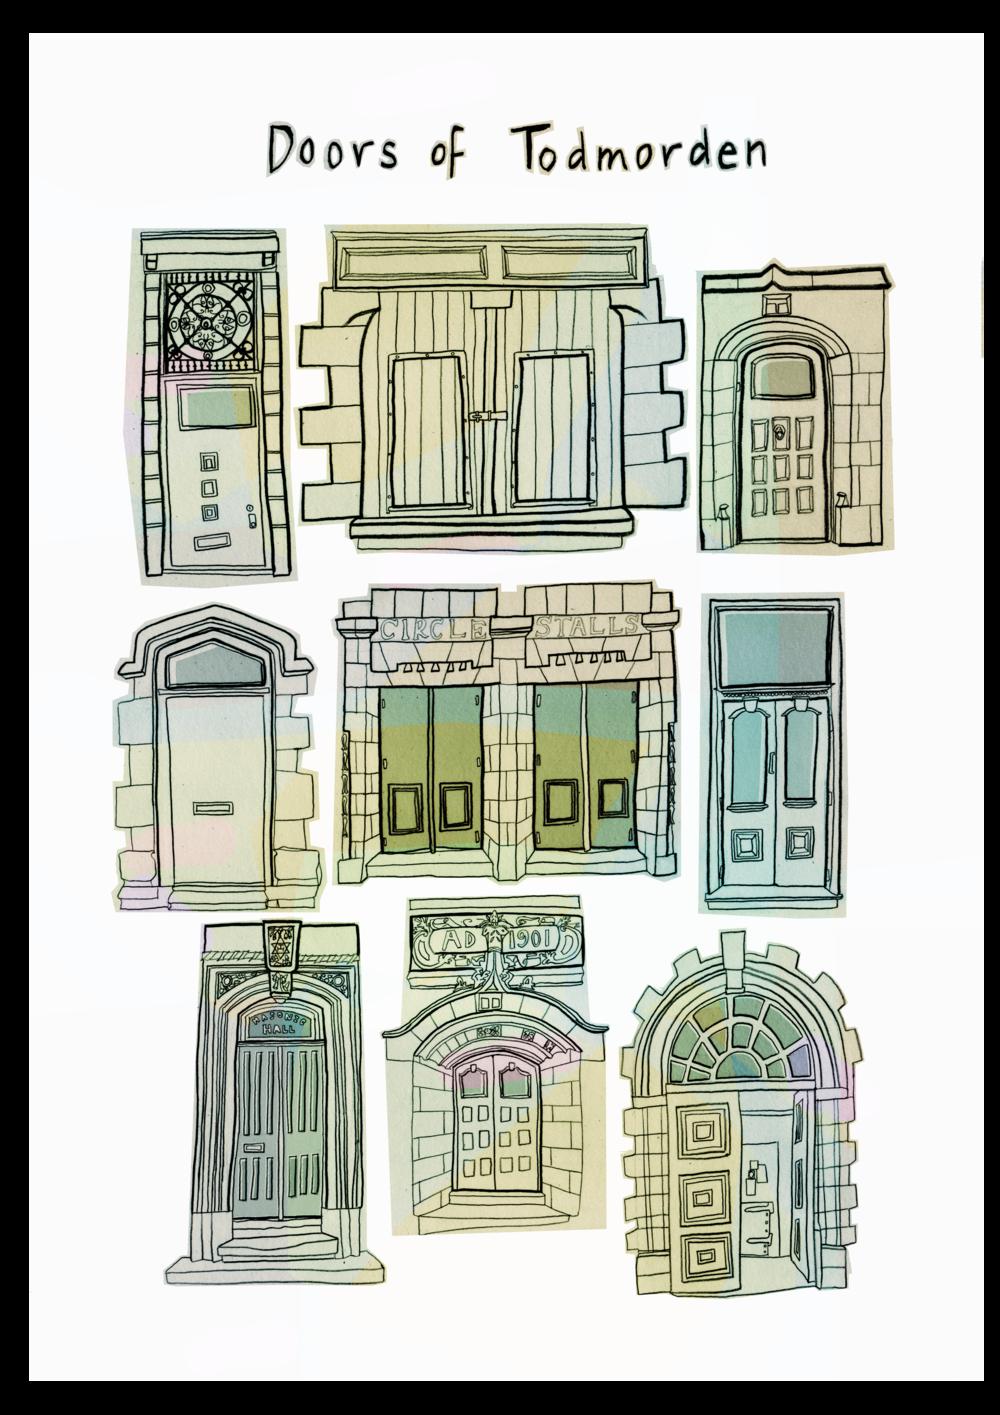 Doors of Todmorden